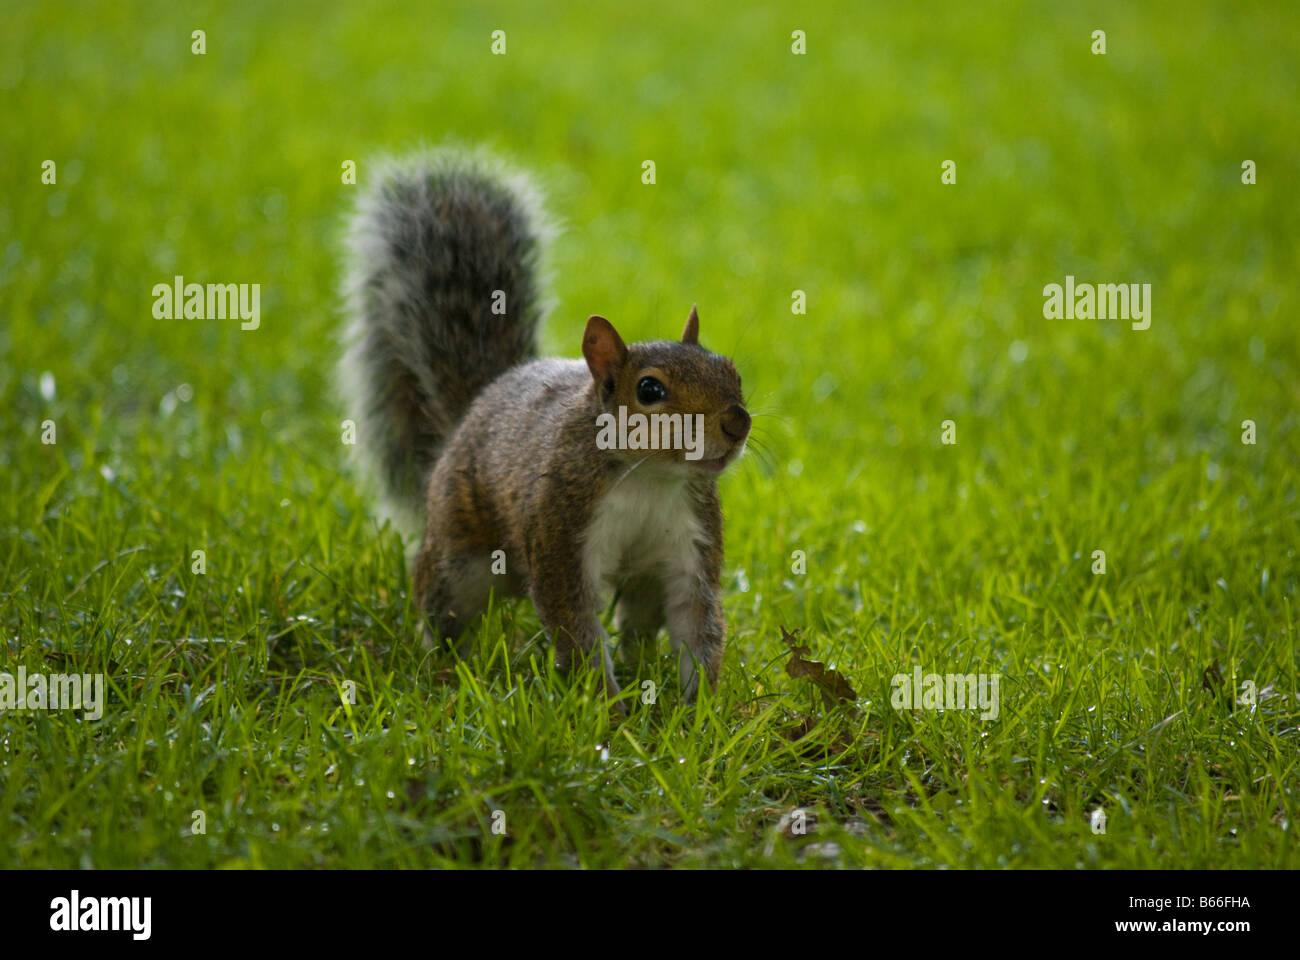 A squirrel in the Boston Public Gardens - Stock Image